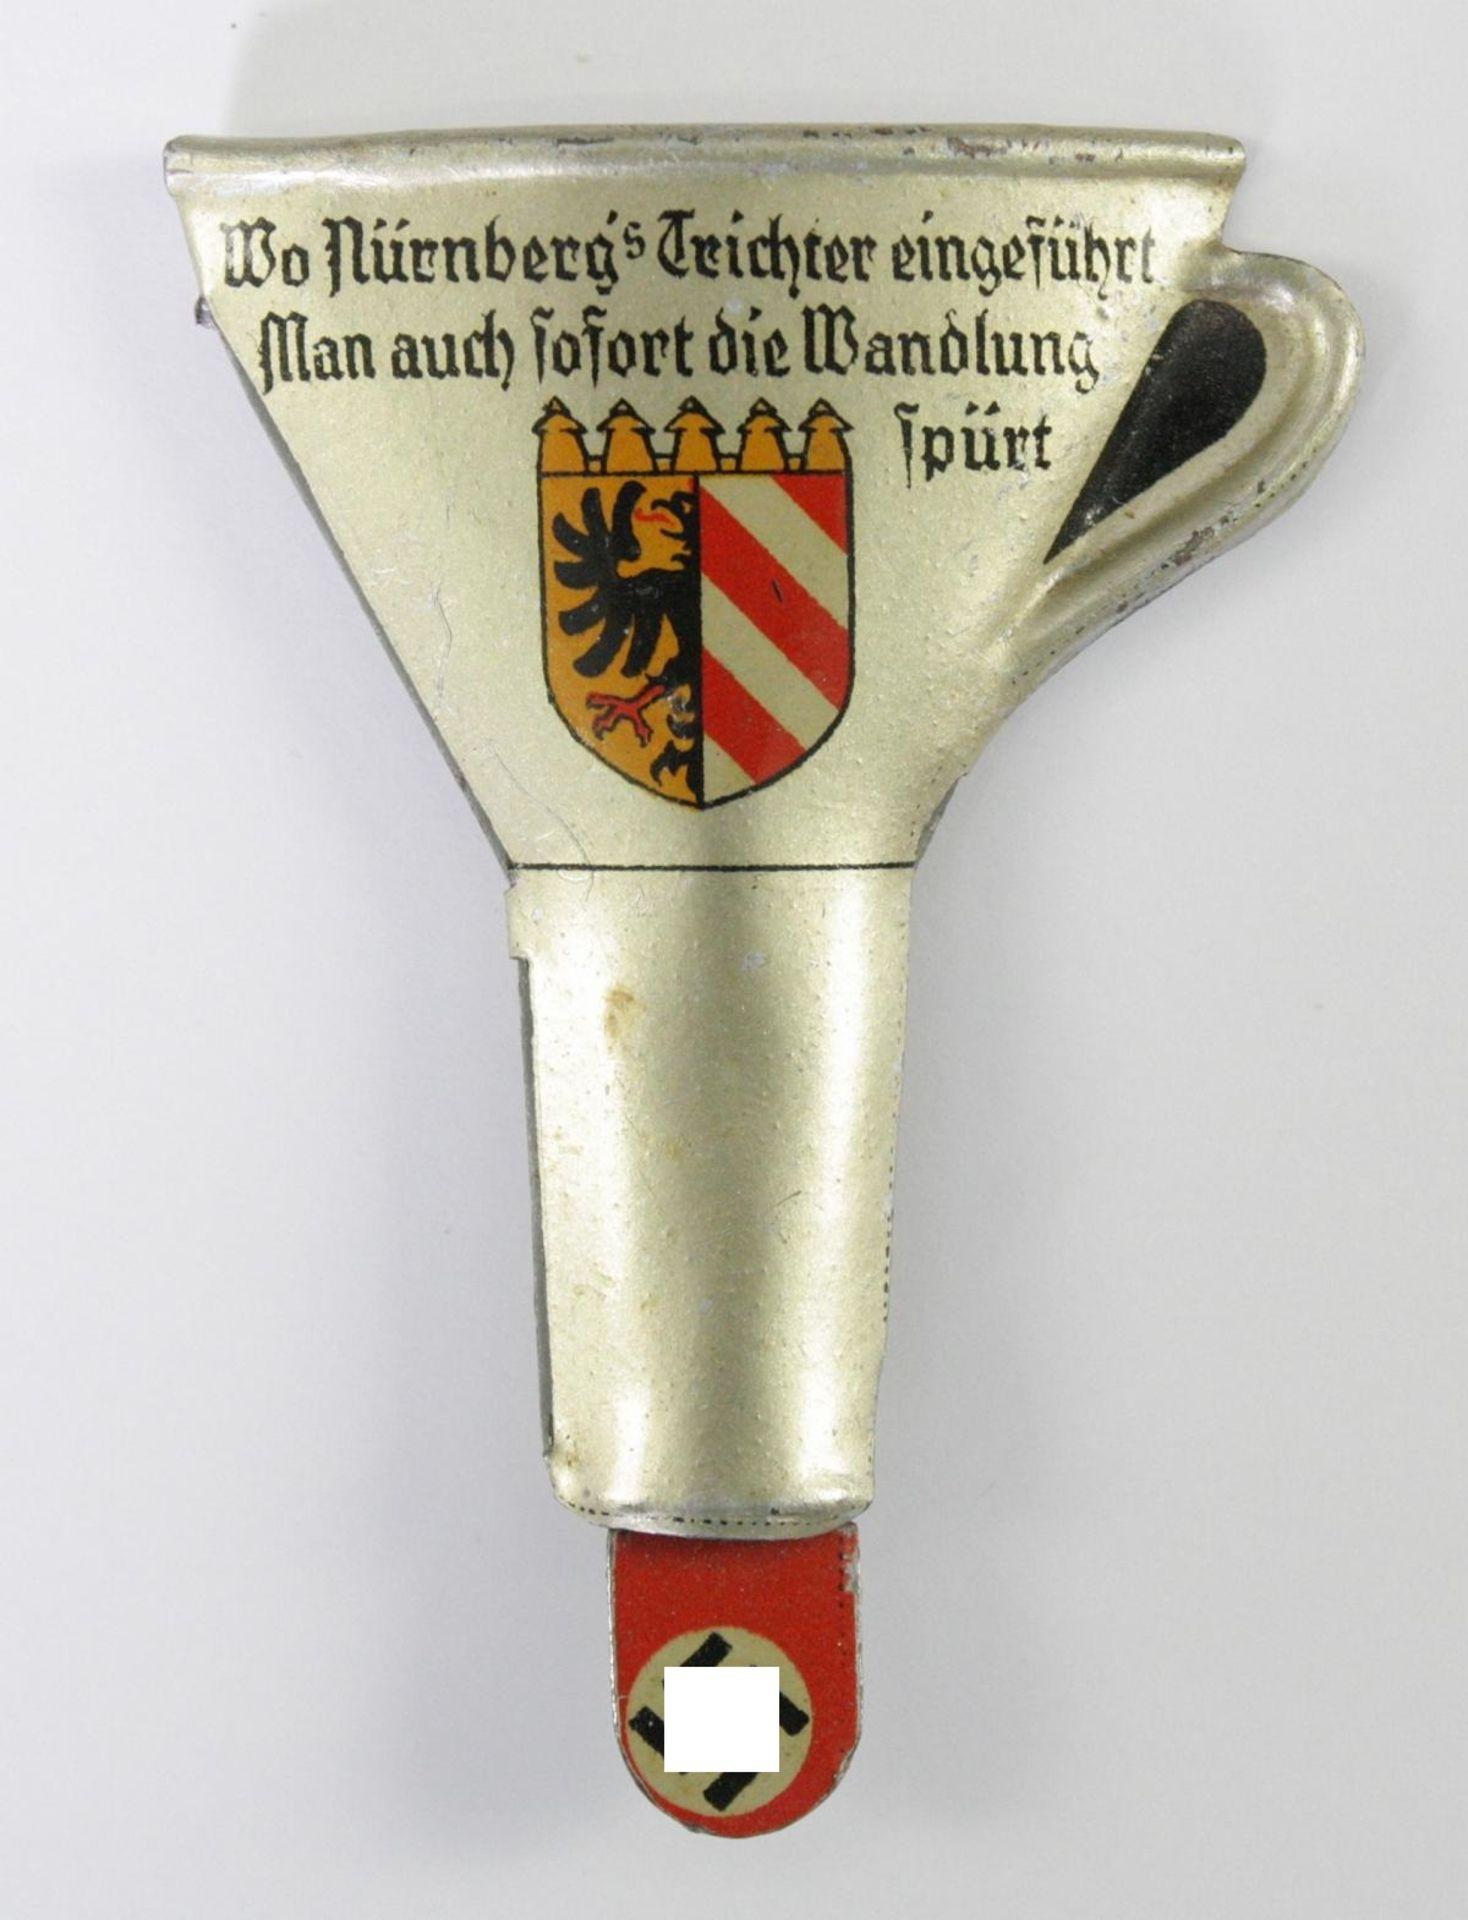 Sympathieabzeichen, Nürnbergs Trichter